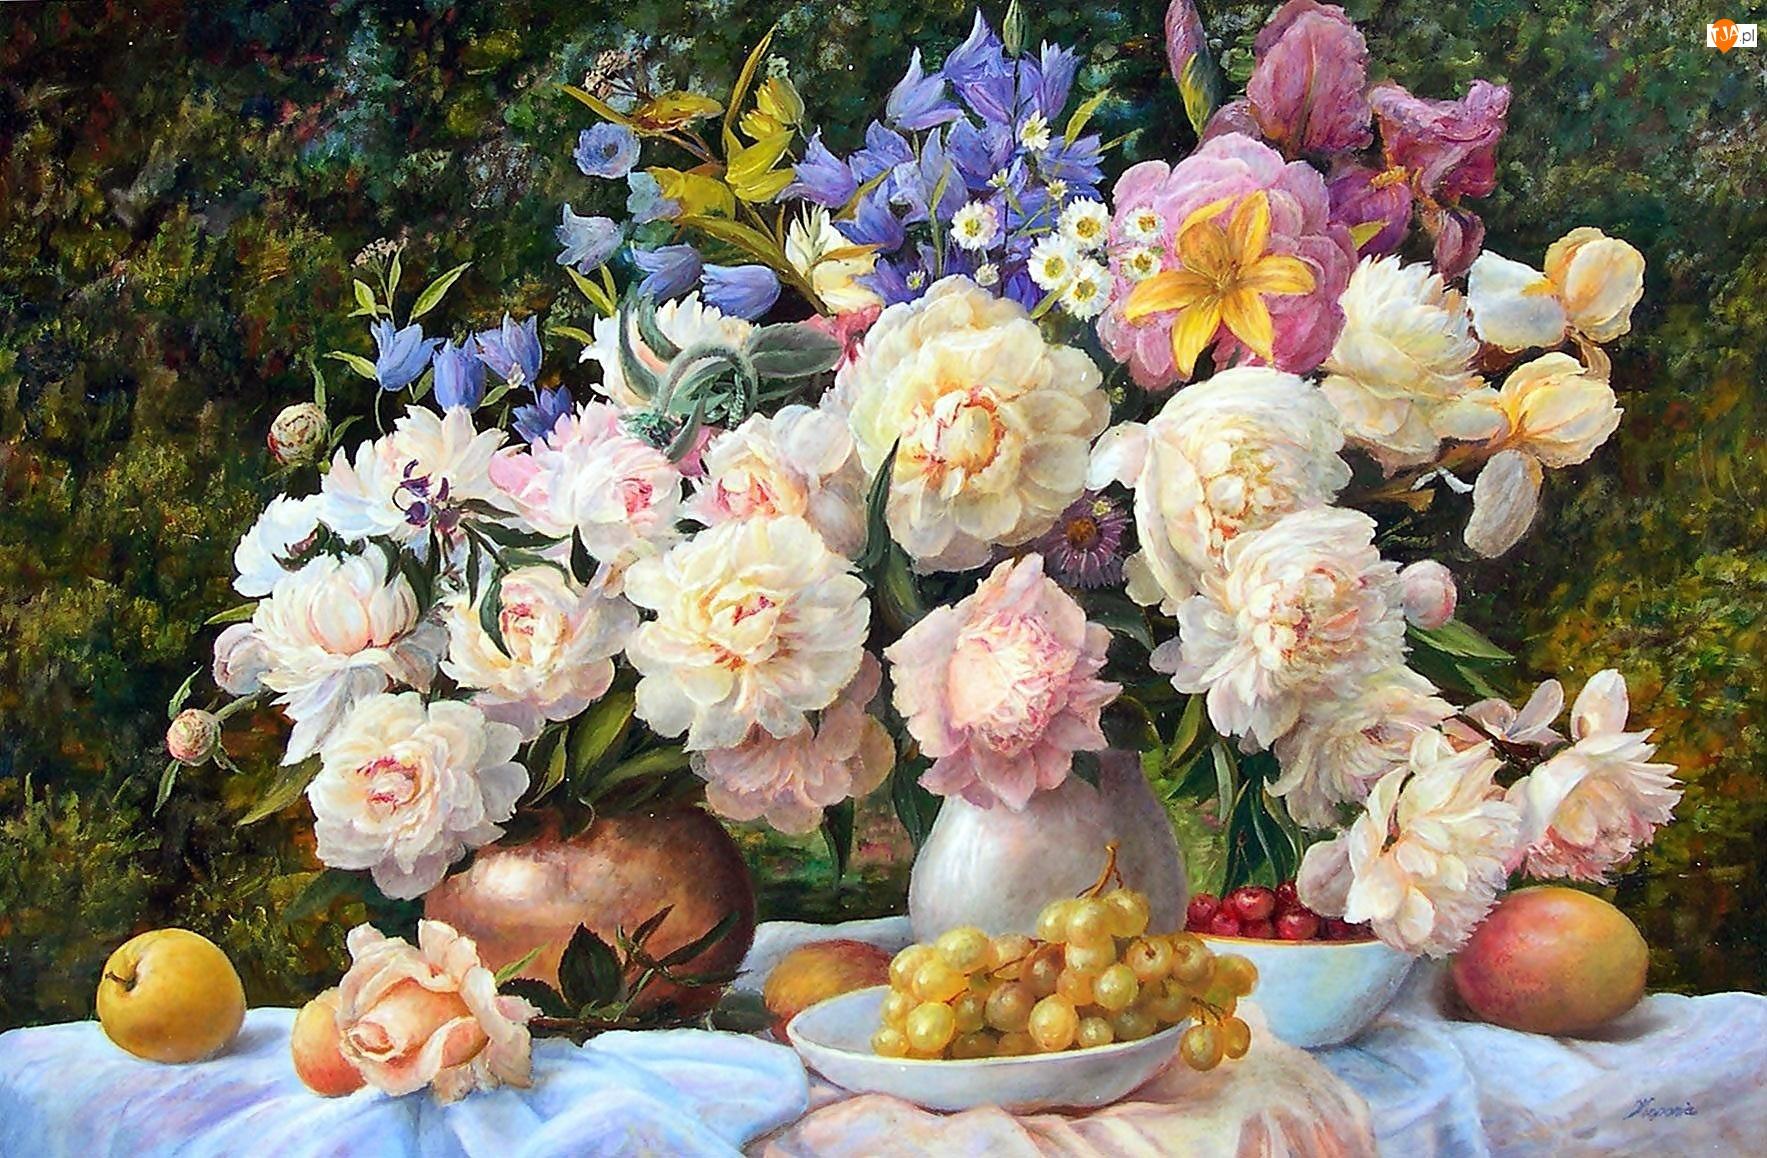 Wazon, Kwiatów, Zbigniew, Owoce, Kopania, Bukiet